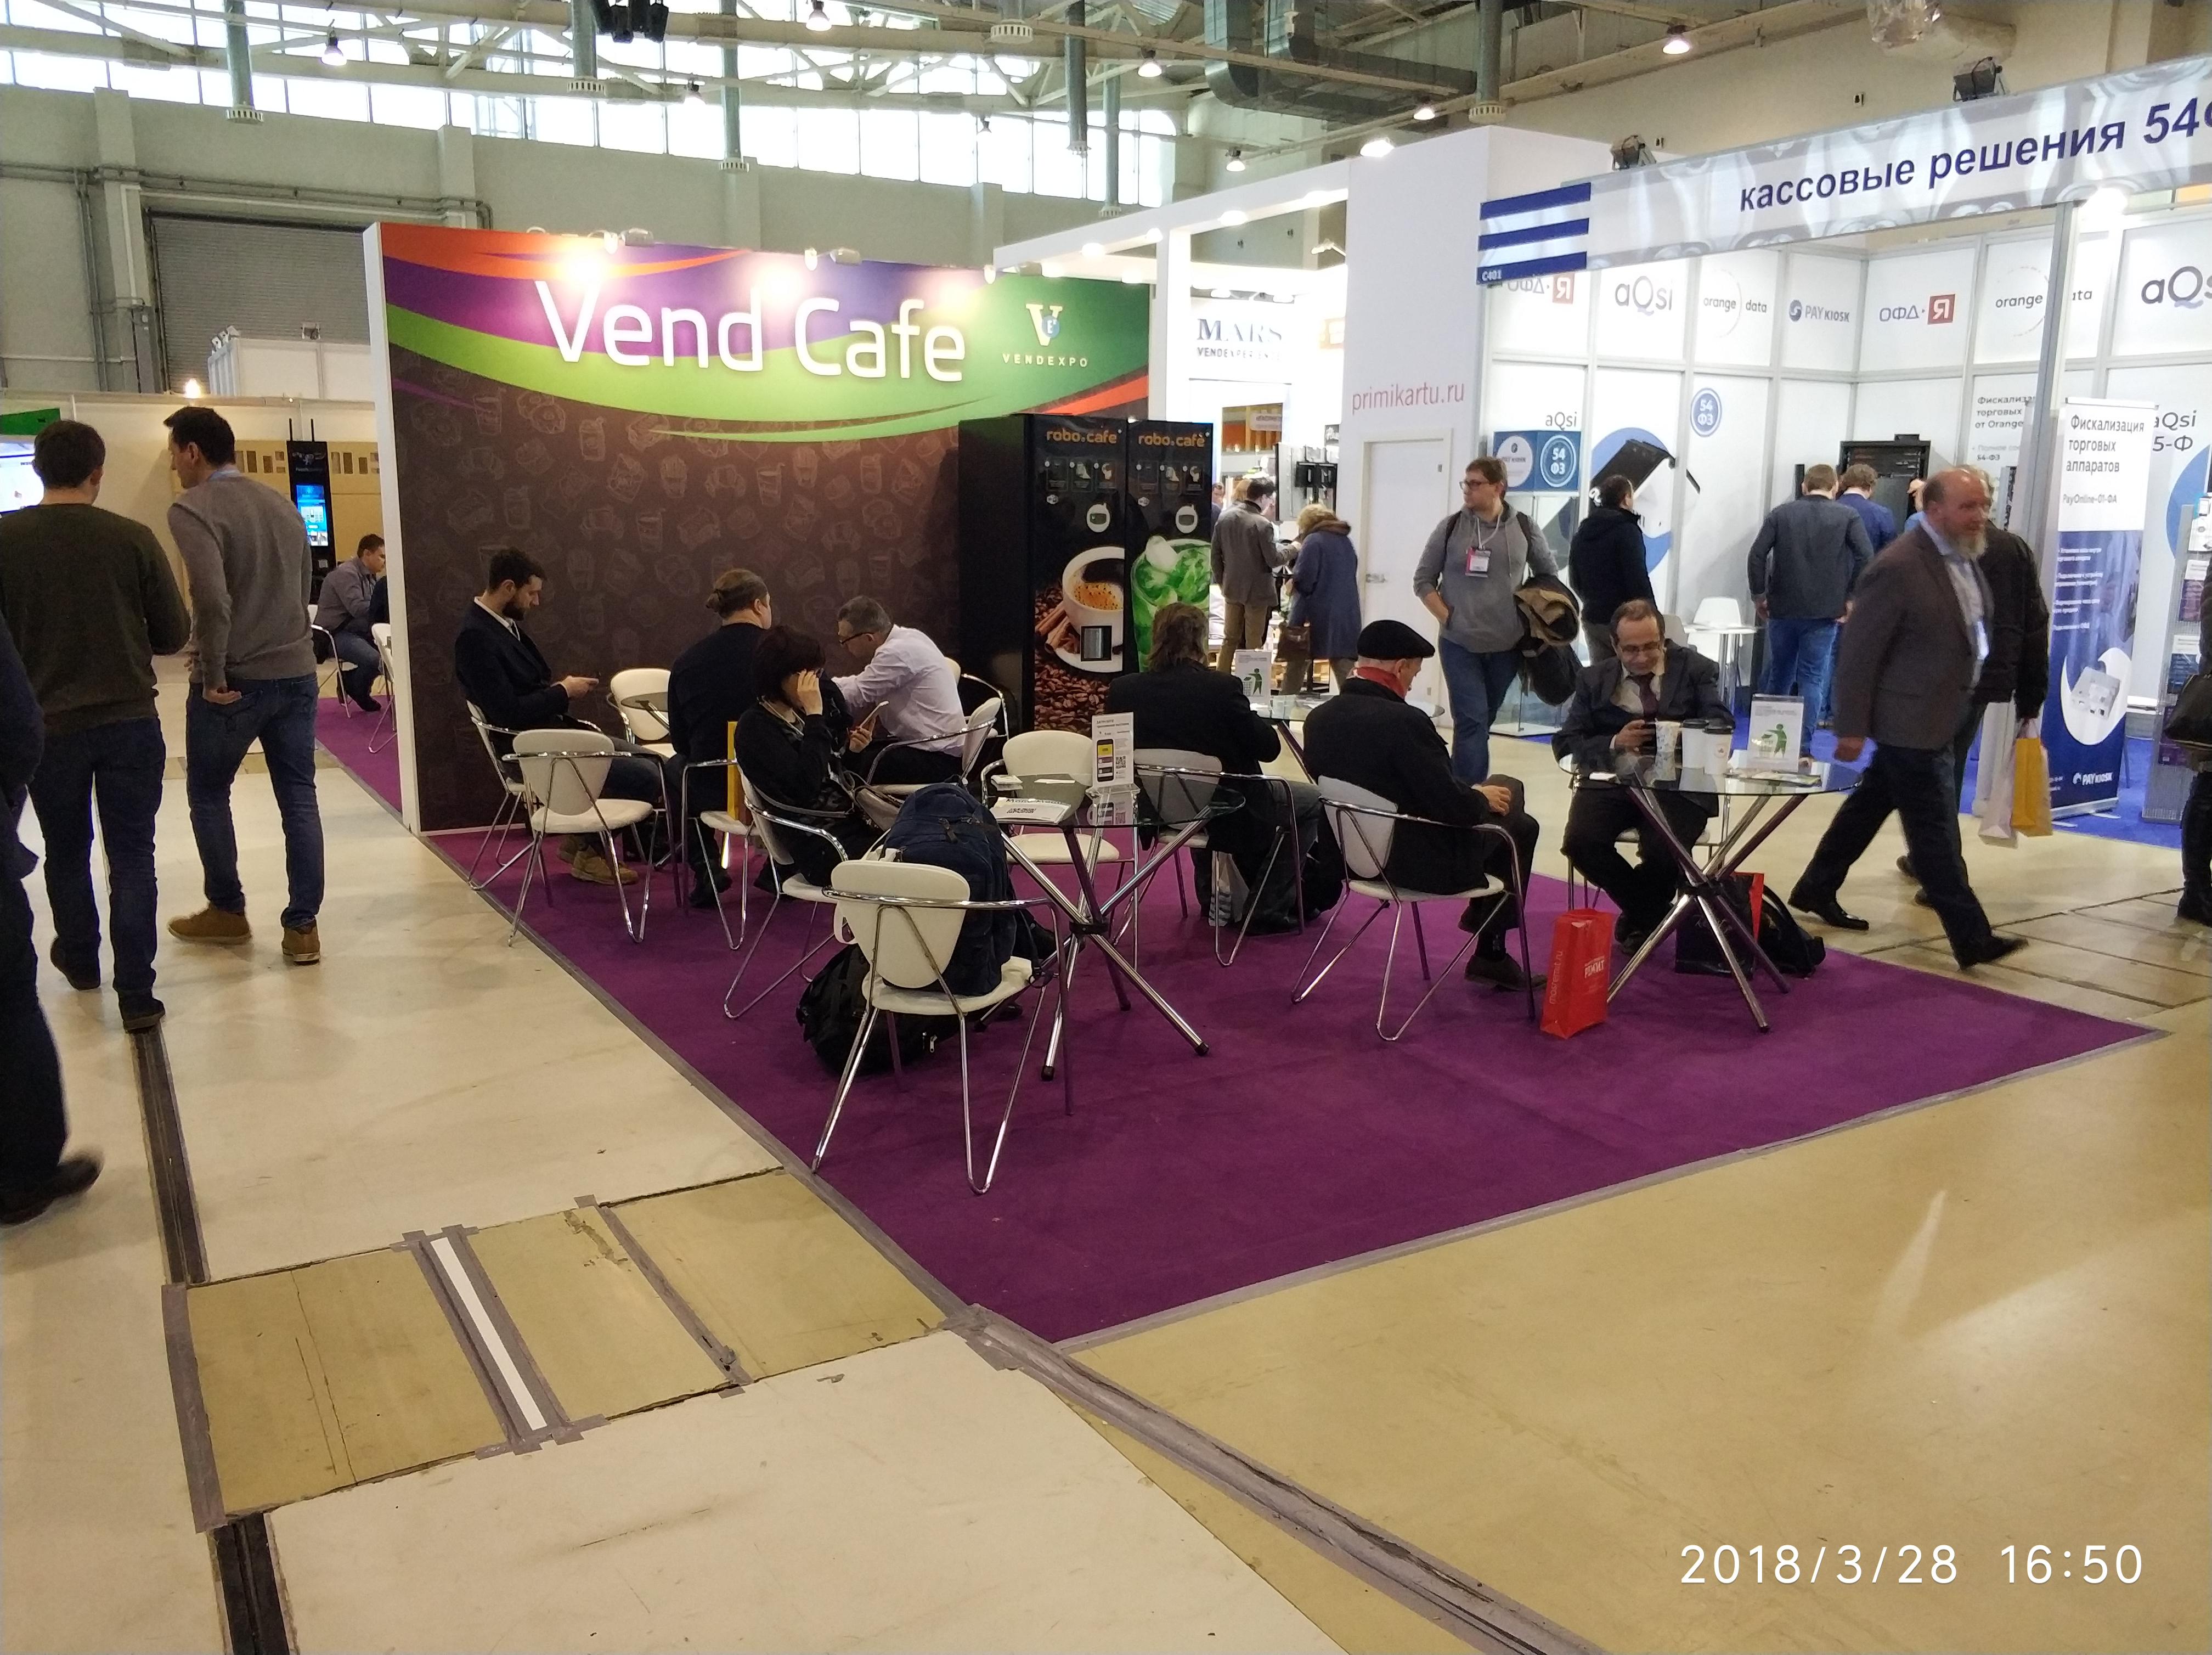 Вендинговое кафе VendCafe на VendExpo 2018 от 02.04.2018 11:30:00